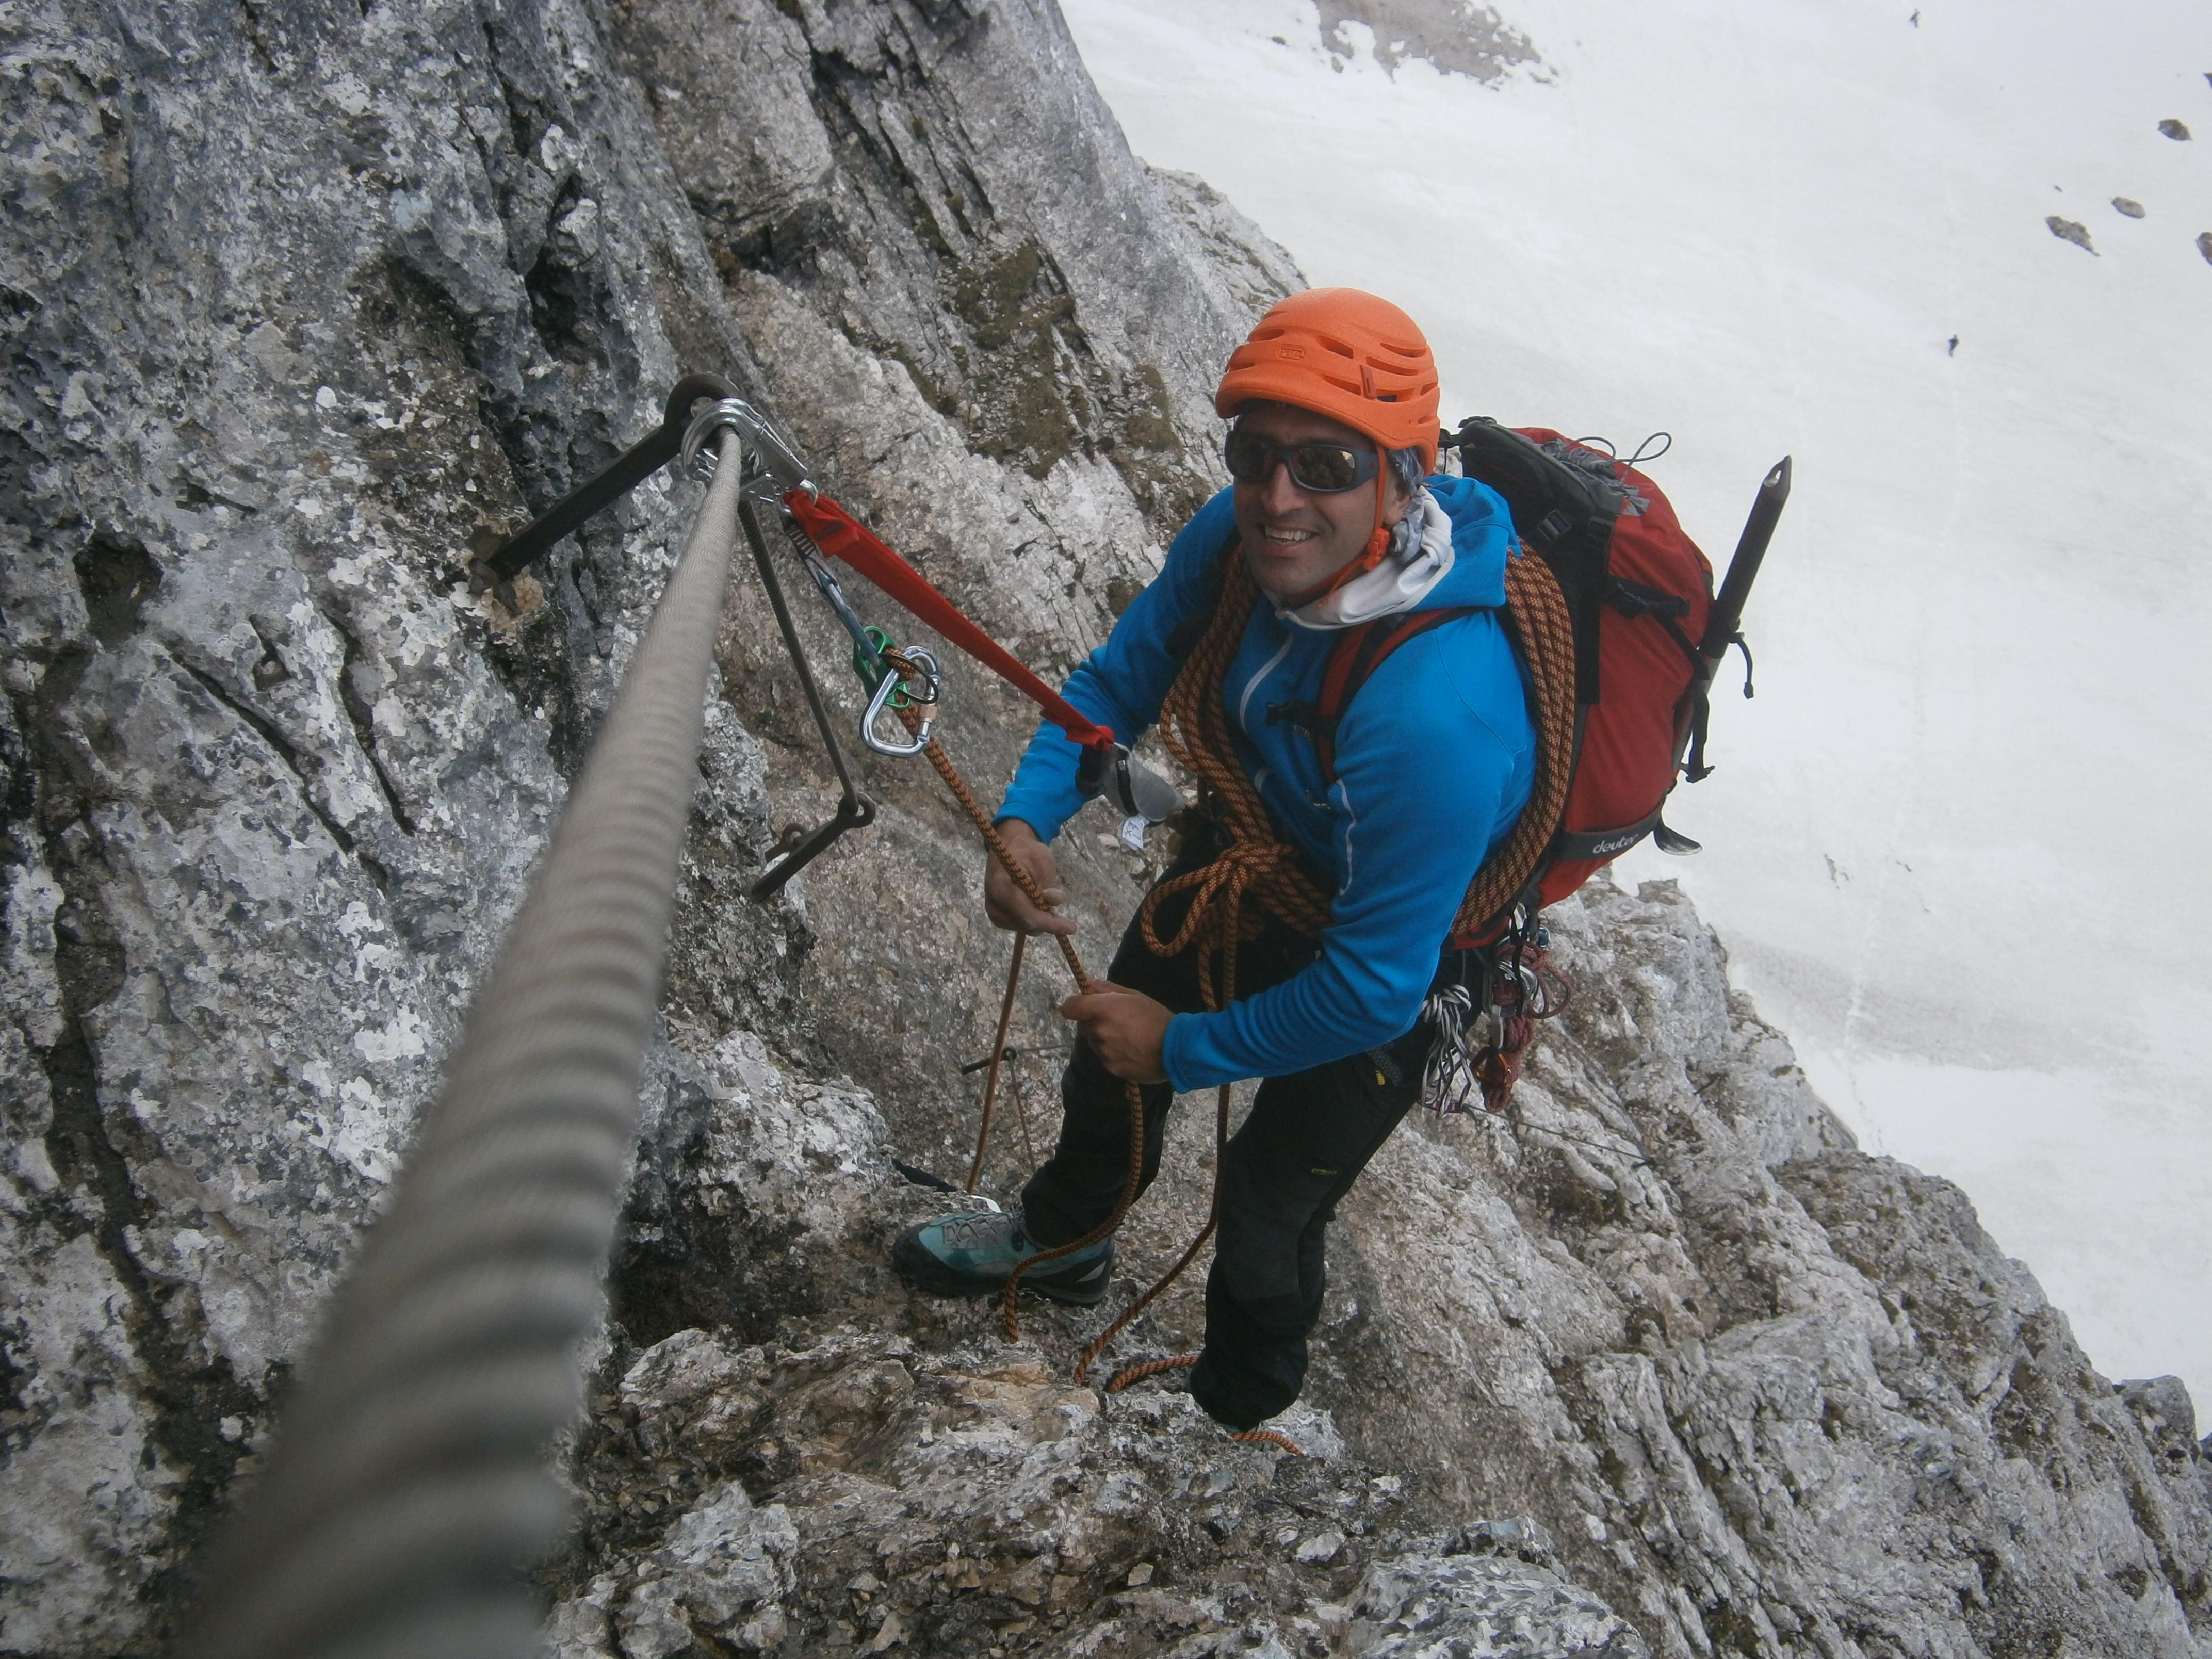 Klettersteig Ausrüstung : Steile welt archiv quo vadis klettersteigausrüstung